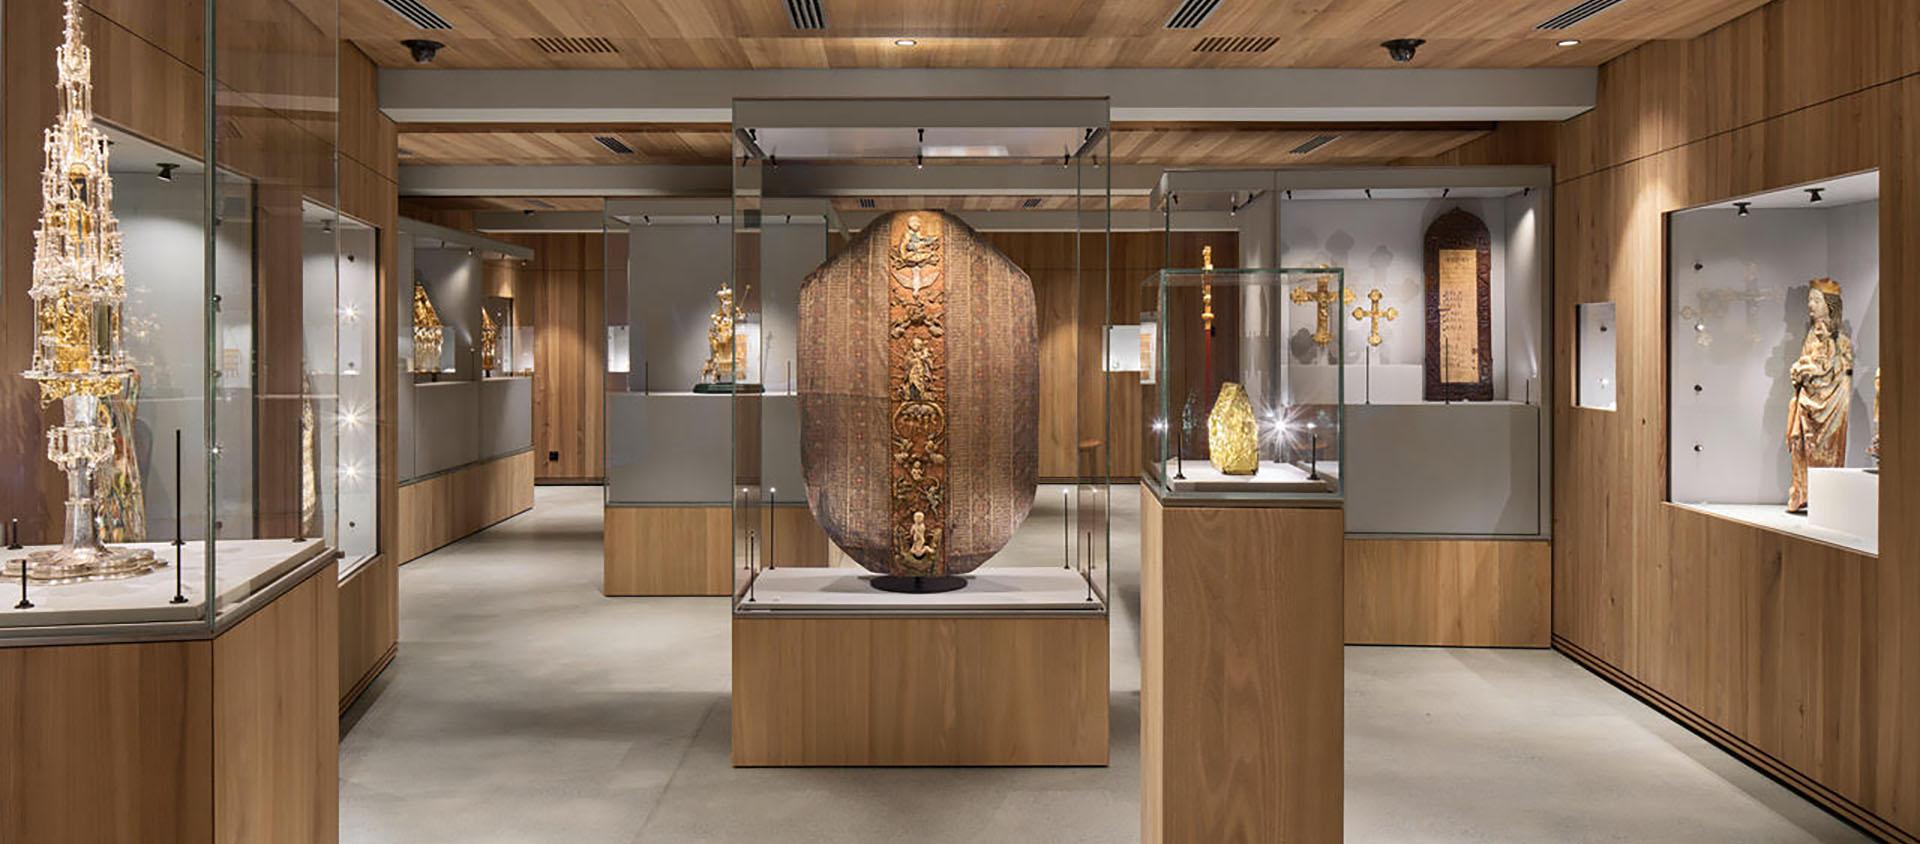 Dès sa réouverture en août 2020, le musée du Trésor de la Cathédrale de Coire permet au grand public de re-découvrir les chefs-d'œuvre de l'art chrétien rhétique| © R. Feiner/Musée du trésor de la cathédral de Coire